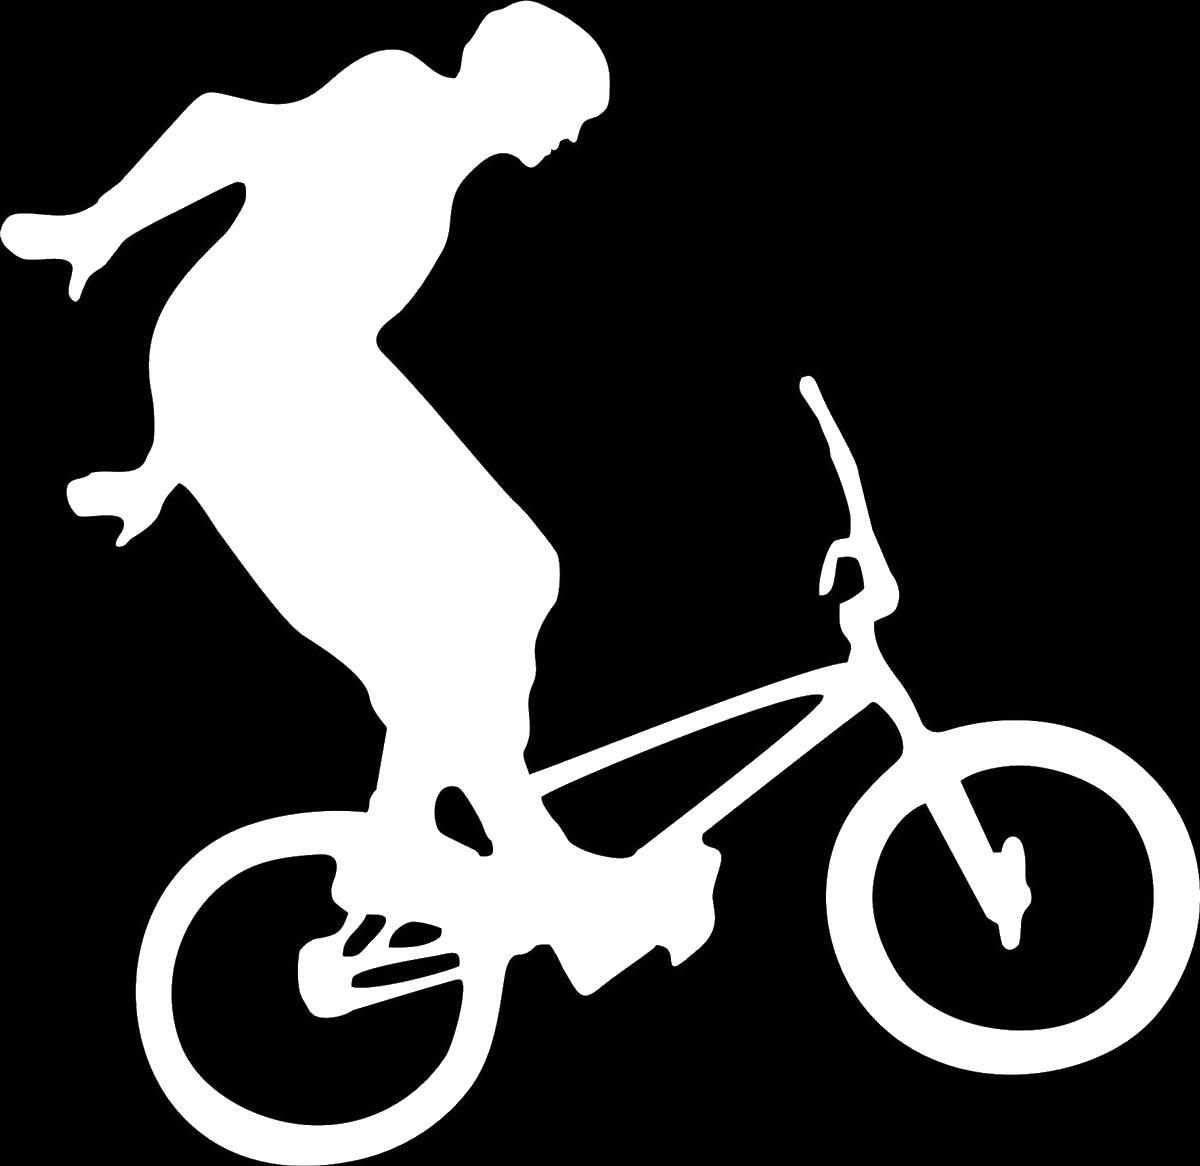 Наклейка автомобильная Оранжевый слоник Велосипедист 3, виниловая, цвет: белый150SP00016WОригинальная наклейка Оранжевый слоник Велосипедист 3 изготовлена из высококачественной виниловой пленки, которая выполняет не только декоративную функцию, но и защищает кузов автомобиля от небольших механических повреждений, либо скрывает уже существующие. Виниловые наклейки на автомобиль - это не только красиво, но еще и быстро! Всего за несколько минут вы можете полностью преобразить свой автомобиль, сделать его ярким, необычным, особенным и неповторимым!